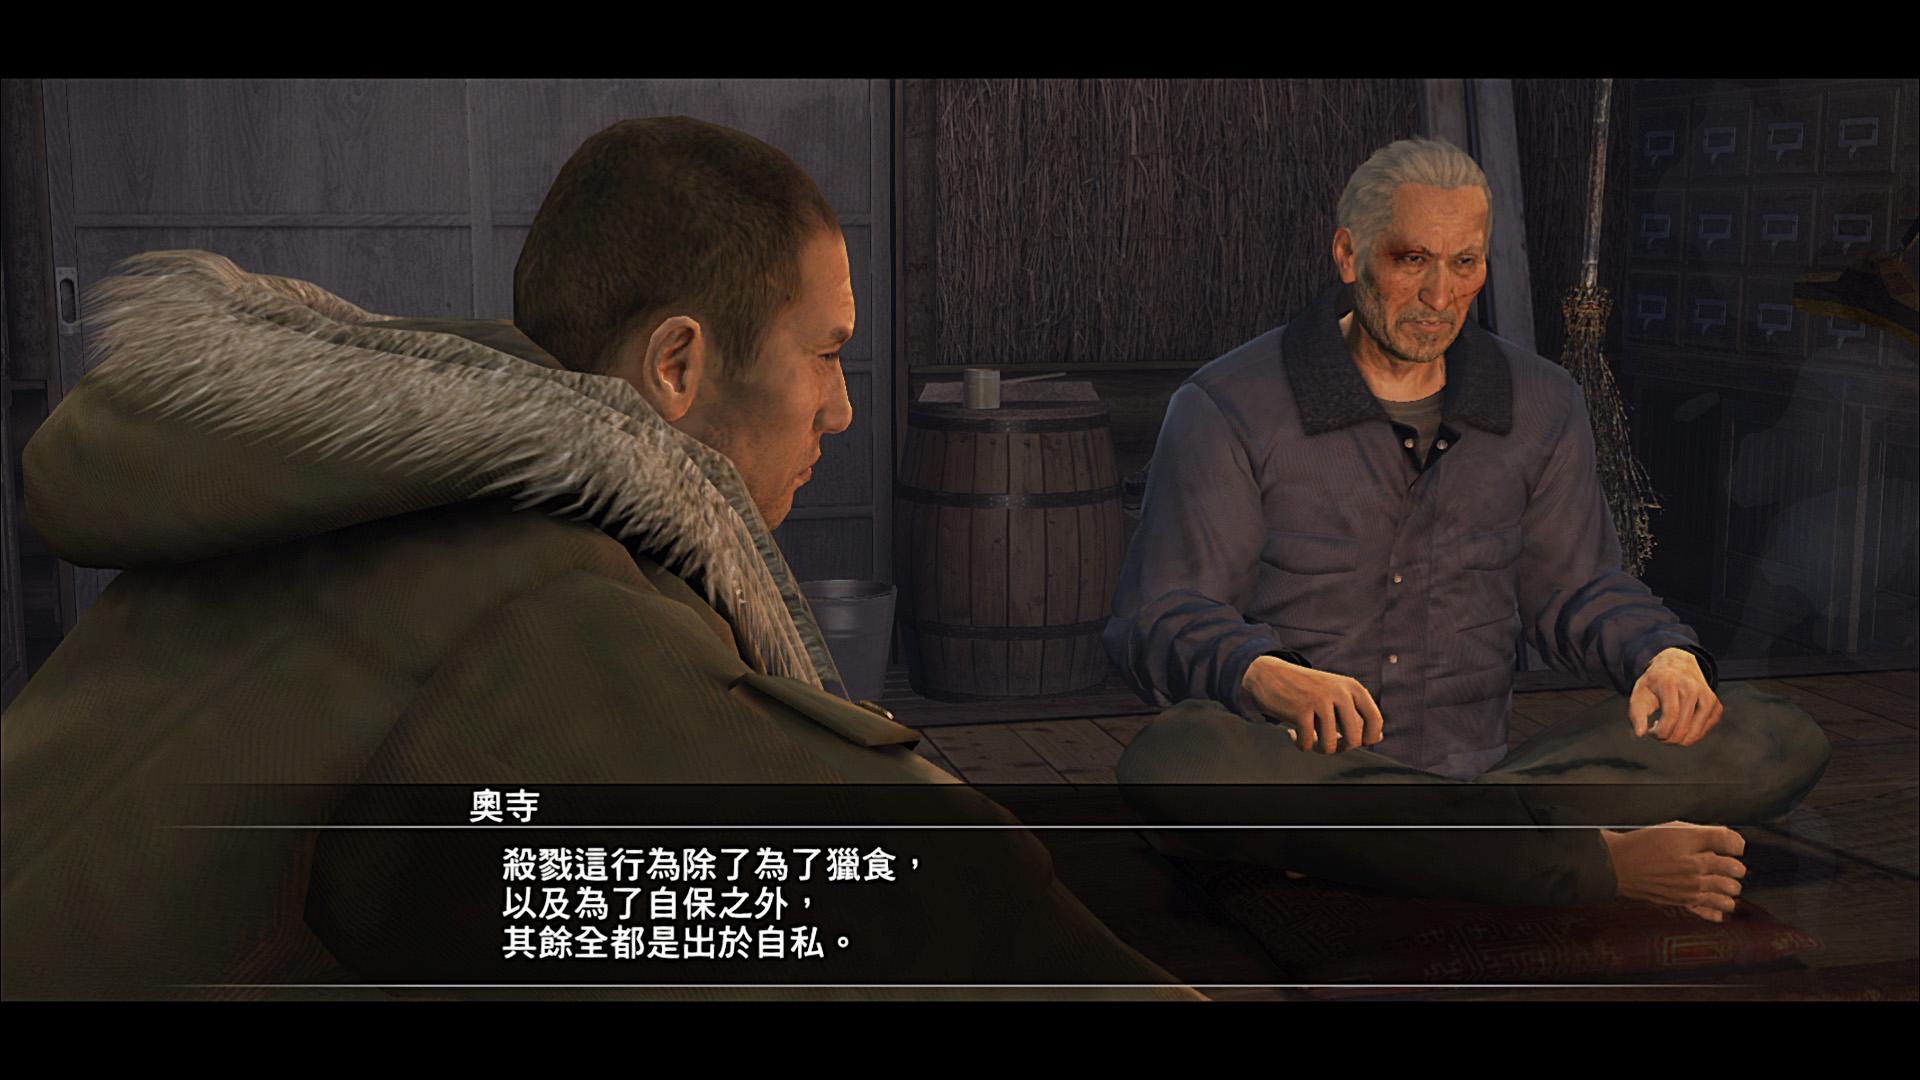 『人中之龍5 實現夢想者』注目的新要素 透過劇情和小遊戲描寫主角們生活的「額外篇章」 06_zh10